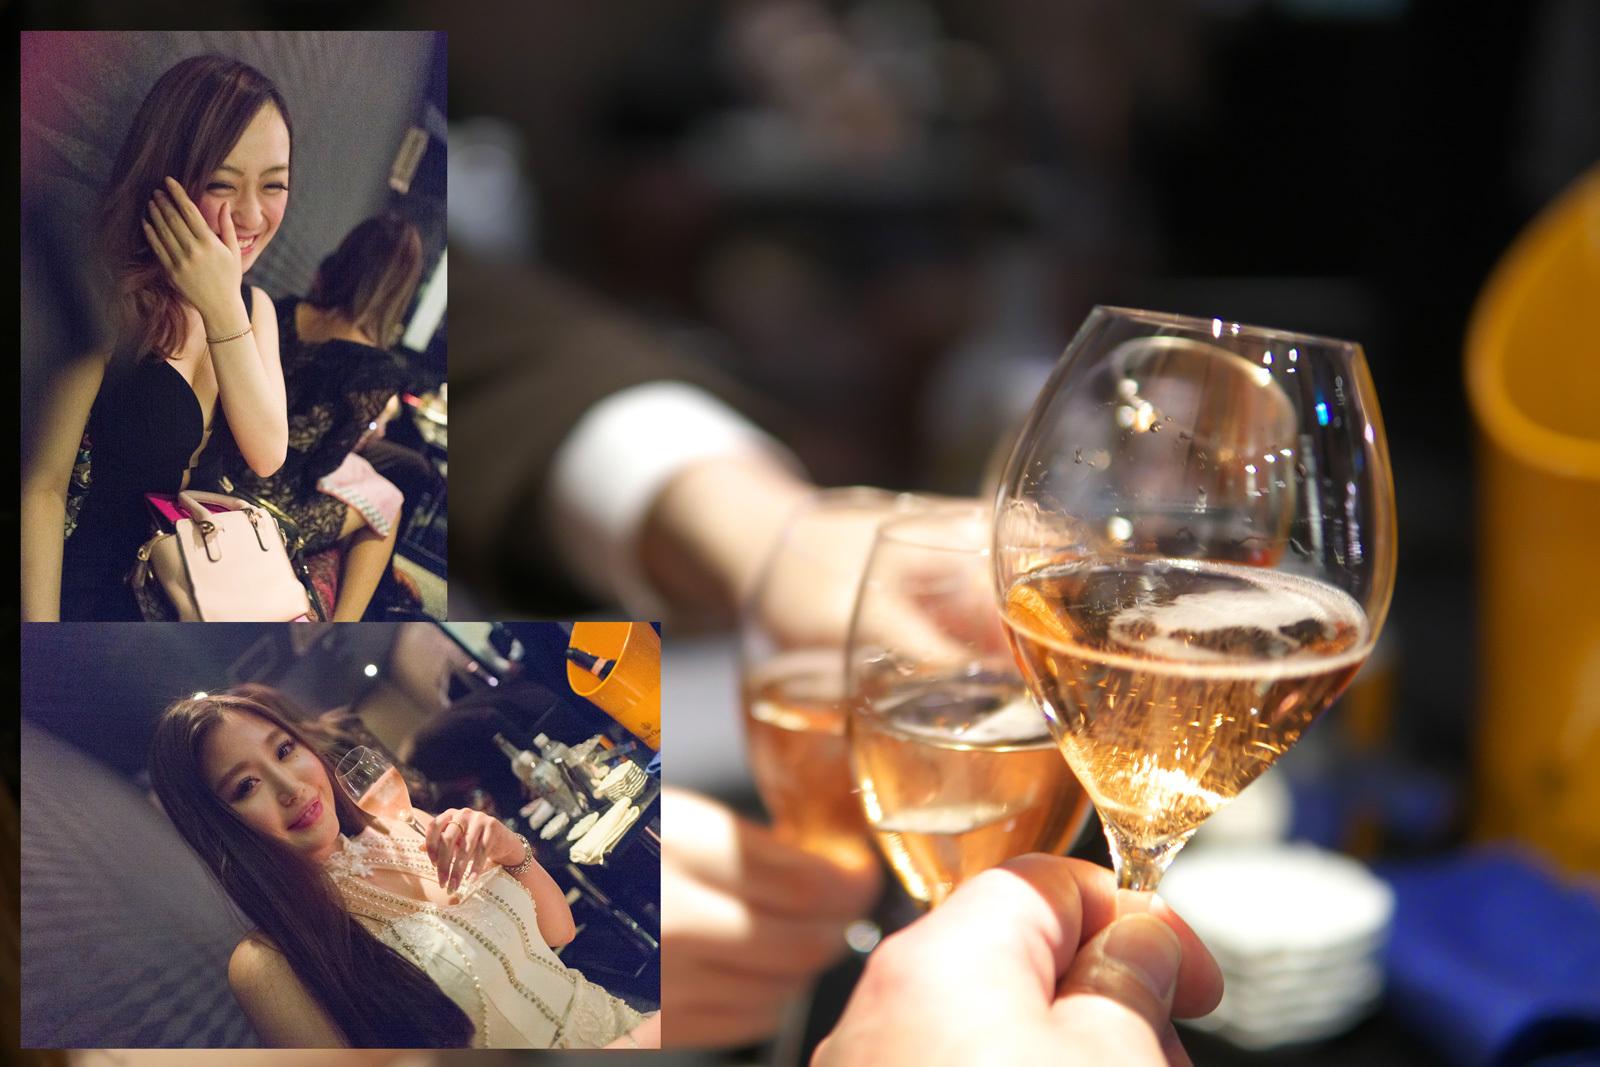 浜松で、やらまいか〜!_a0271402_08105755.jpg